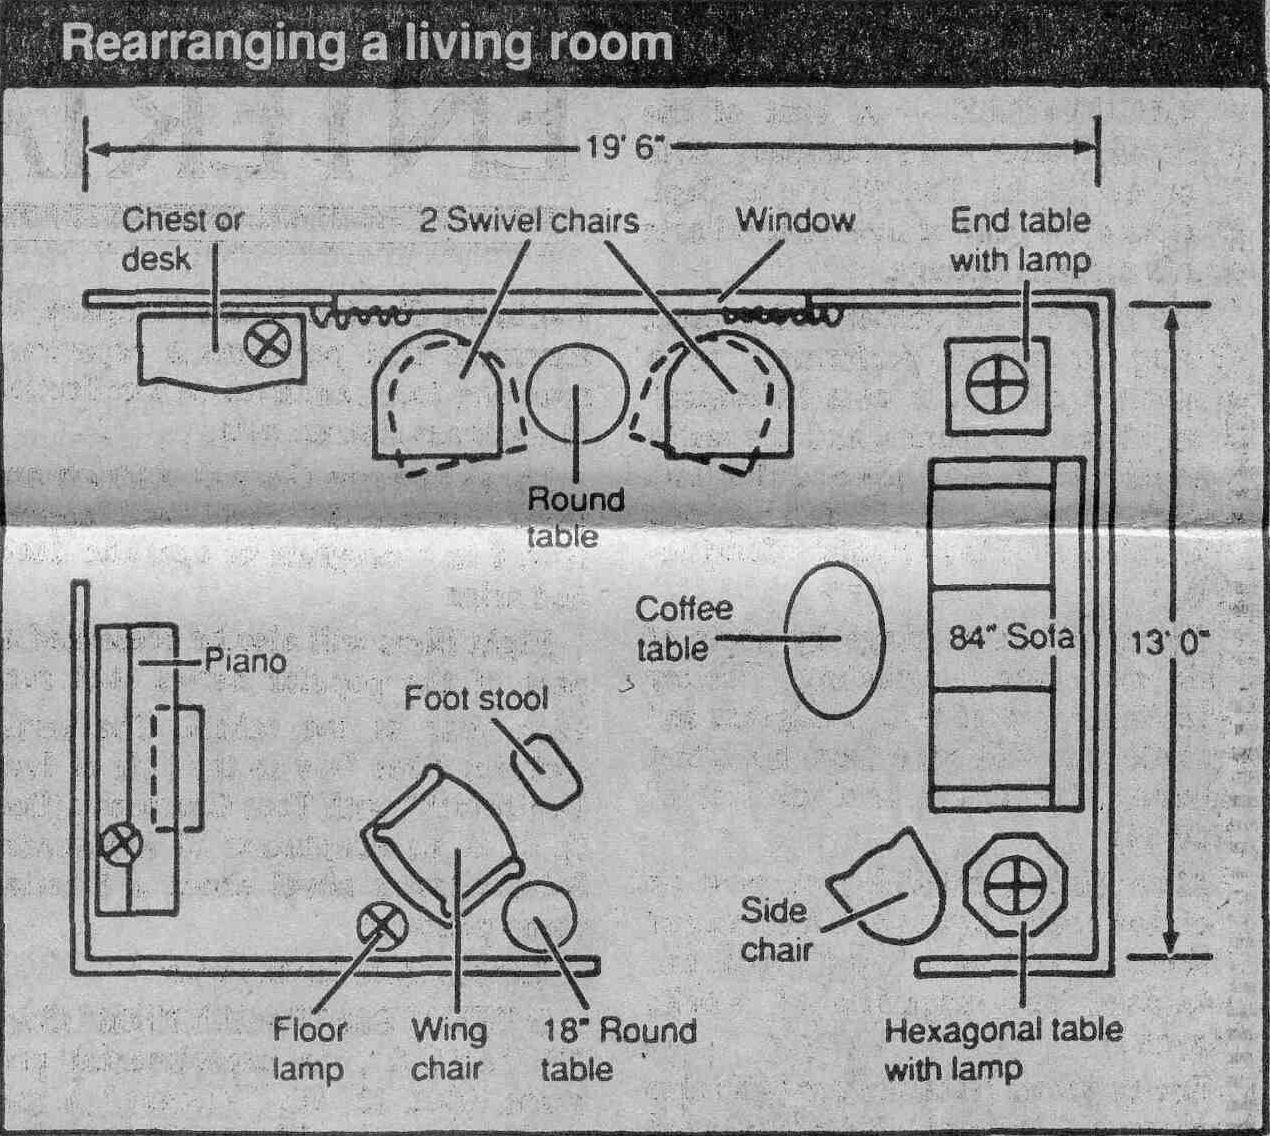 L Shaped Living Room Dining Room Furniture Layout New L Shaped Living Dining Room Furniture Layout  Design Ideas 2017 Inspiration Design